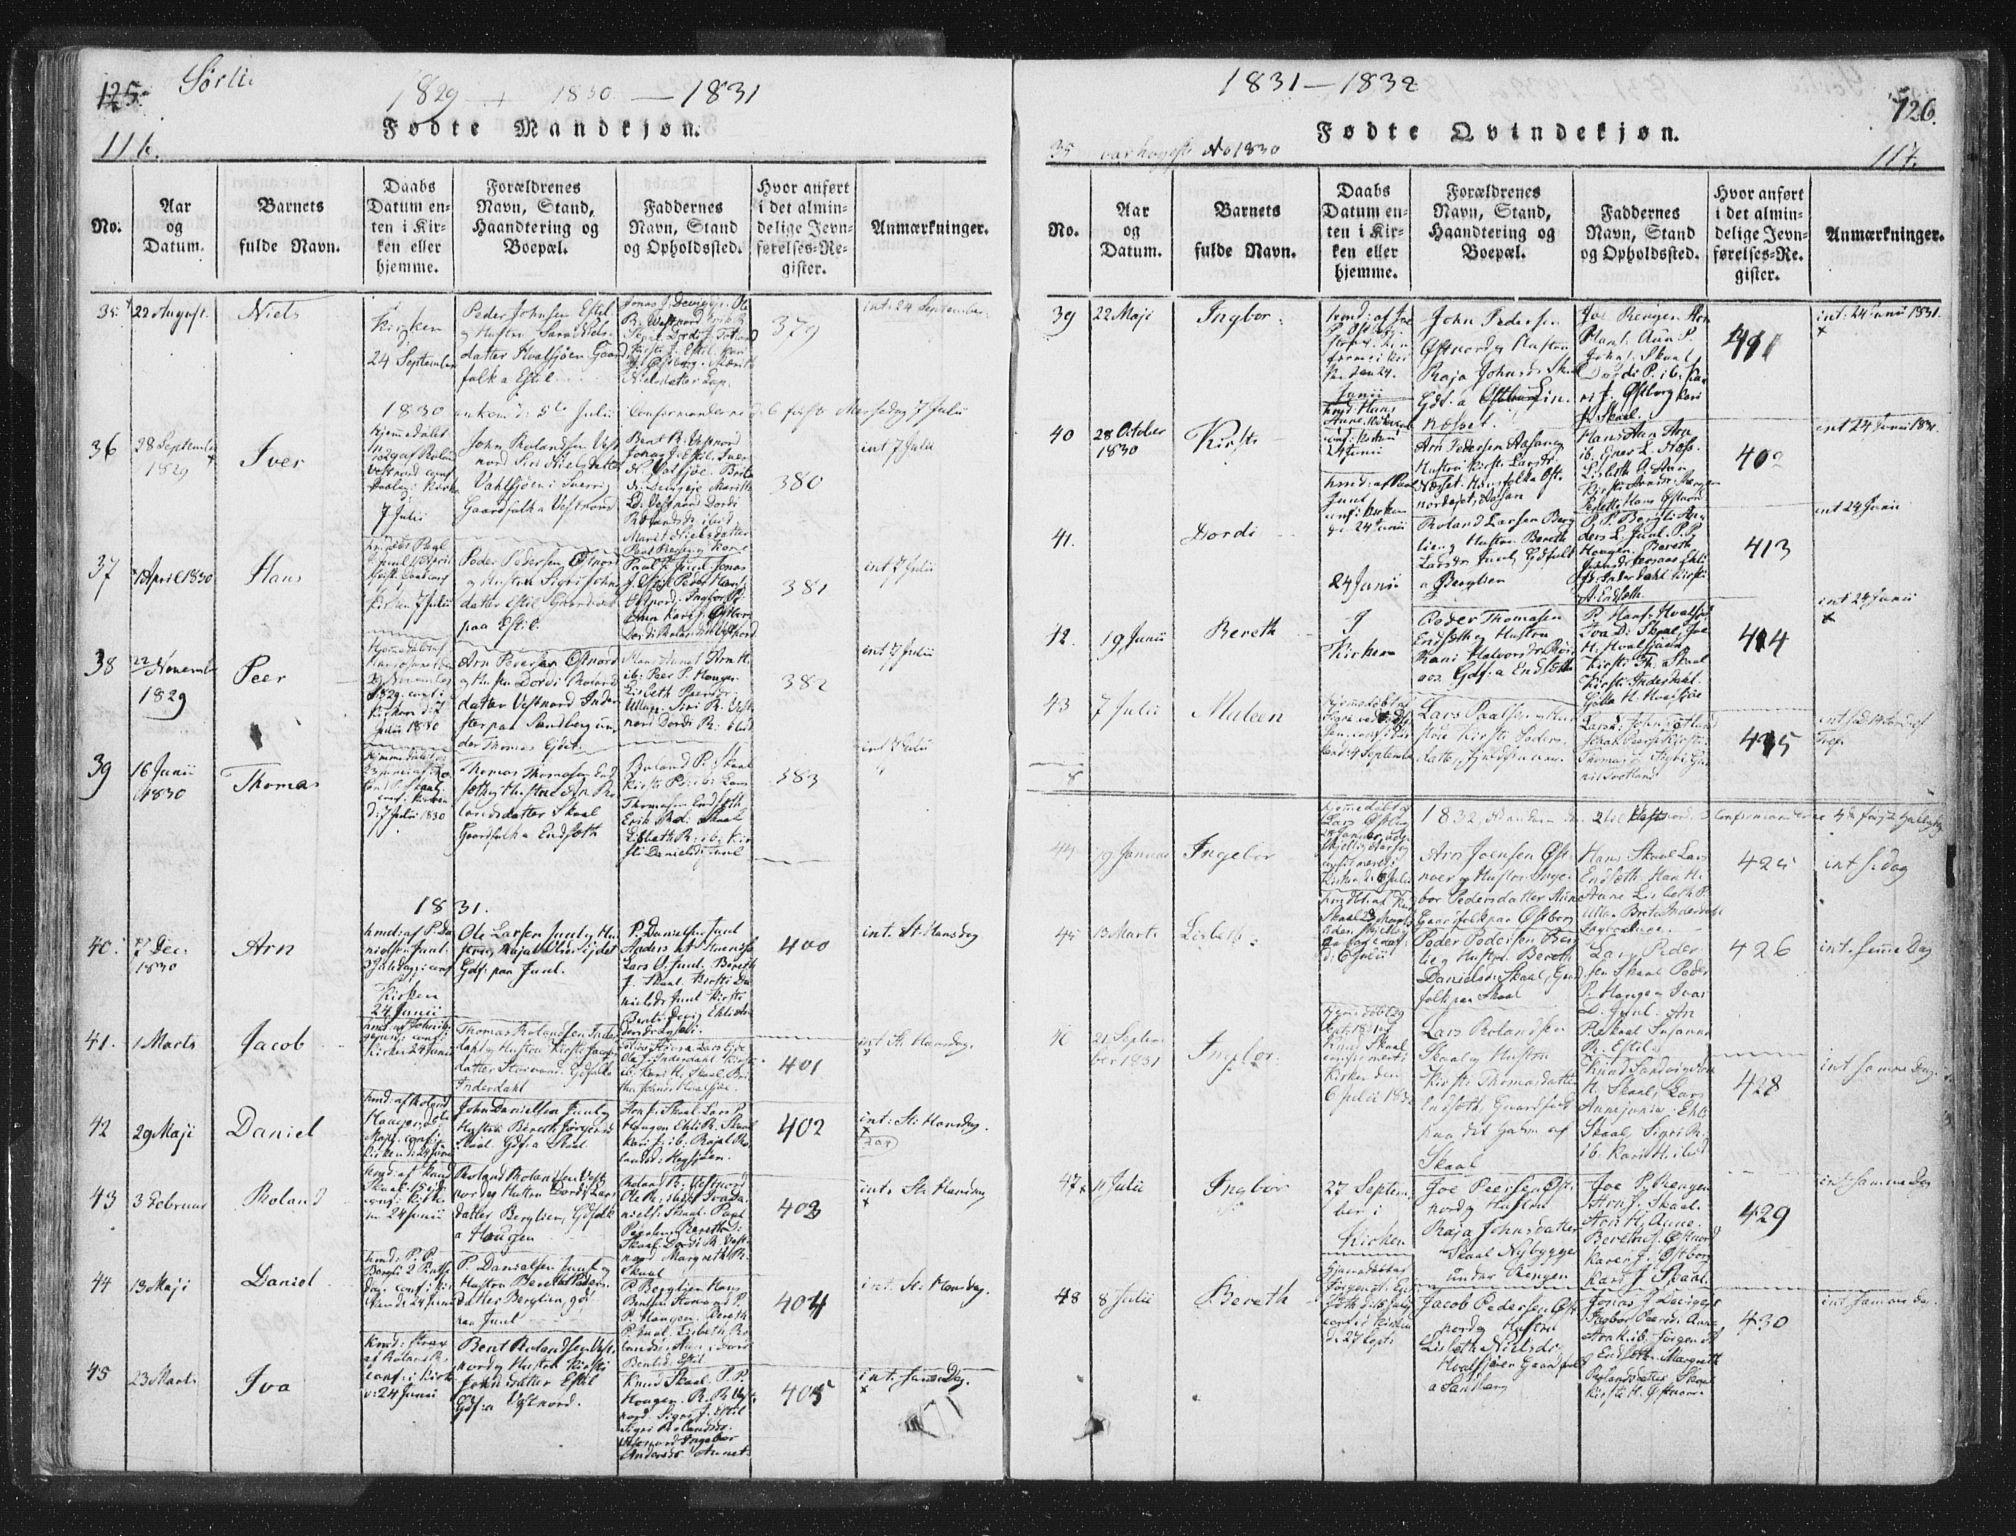 SAT, Ministerialprotokoller, klokkerbøker og fødselsregistre - Nord-Trøndelag, 755/L0491: Ministerialbok nr. 755A01 /2, 1817-1864, s. 116-117